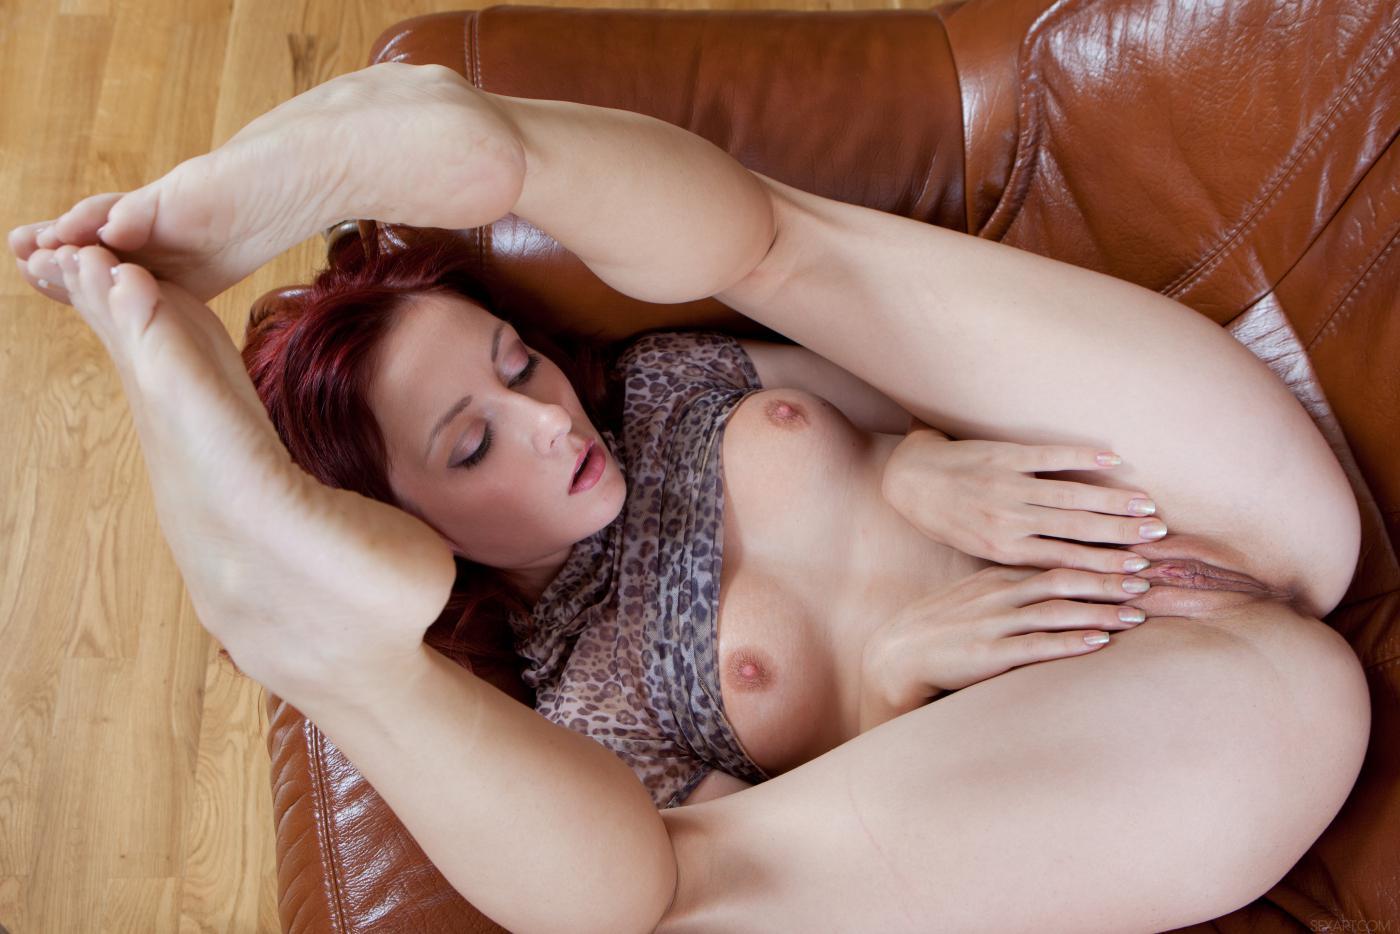 Эта истосковавшаяся по сексу красотка Night A безостановочно мастурбирует и трахает пальцами свои груди